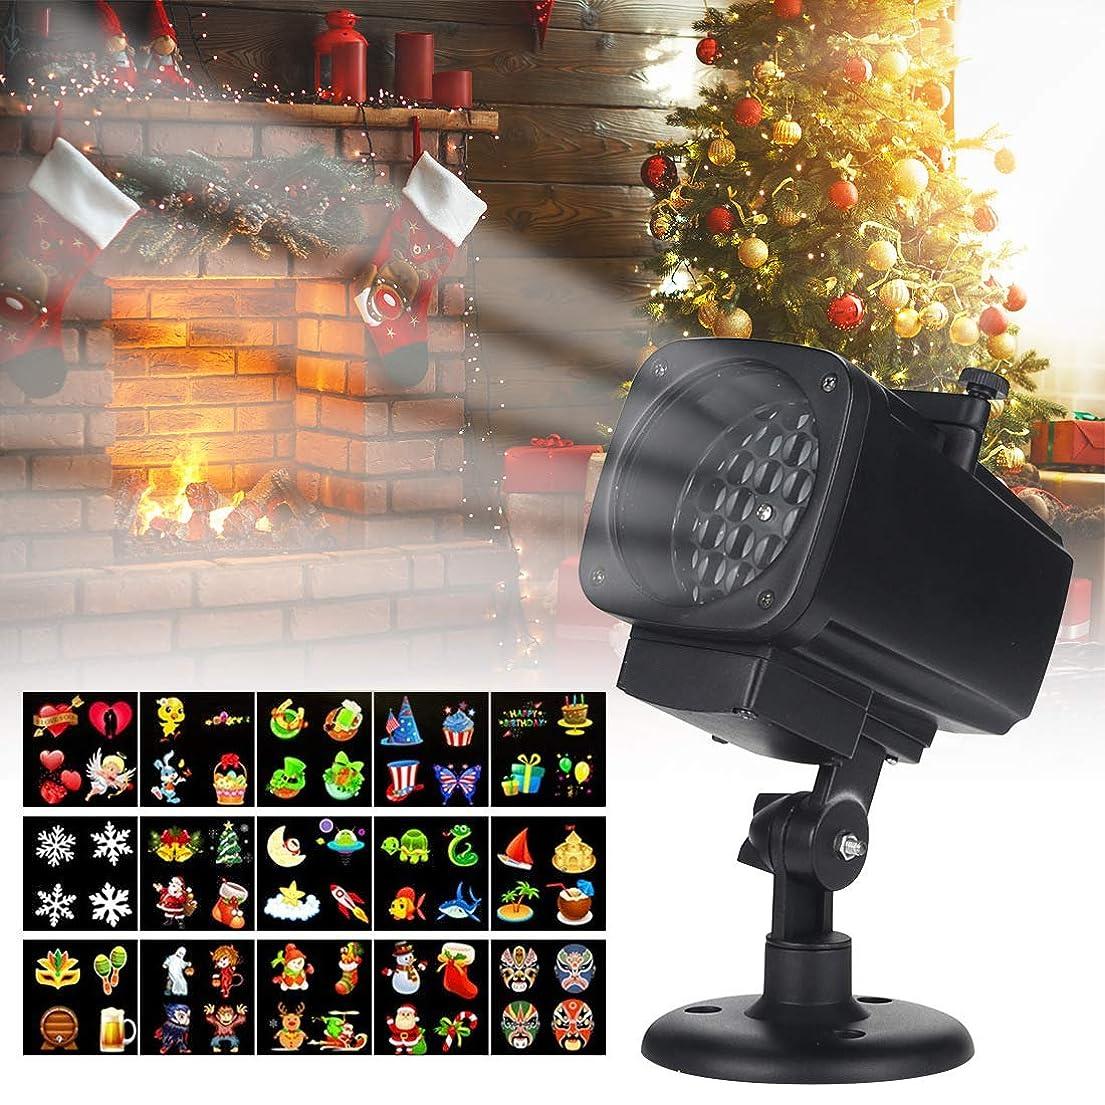 取る短くするしなやかクリスマススノーフレークプロジェクターライト、クリスマスハロウィーンのため1レンズ屋外防水LEDレーザーランプ315°調節可能な回転電気景観装飾ランプで18